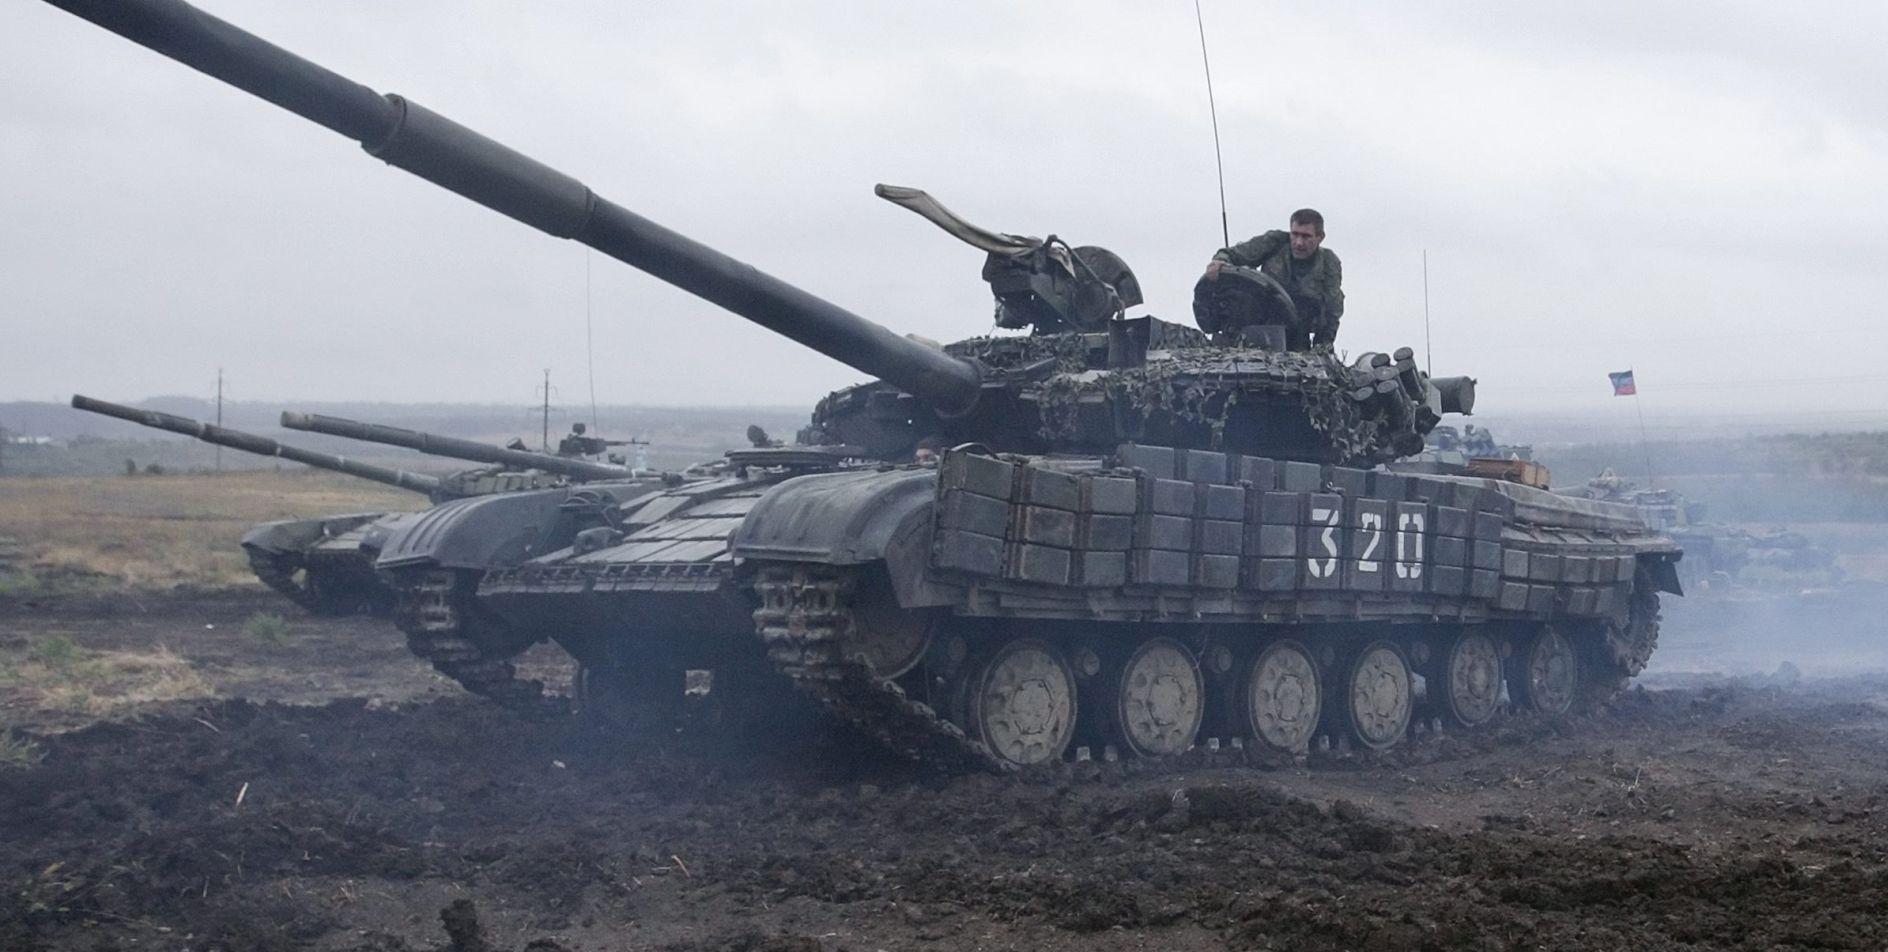 Ukrajina uvodi sankcije protiv 400 pojedinaca i 90 pravnih osoba